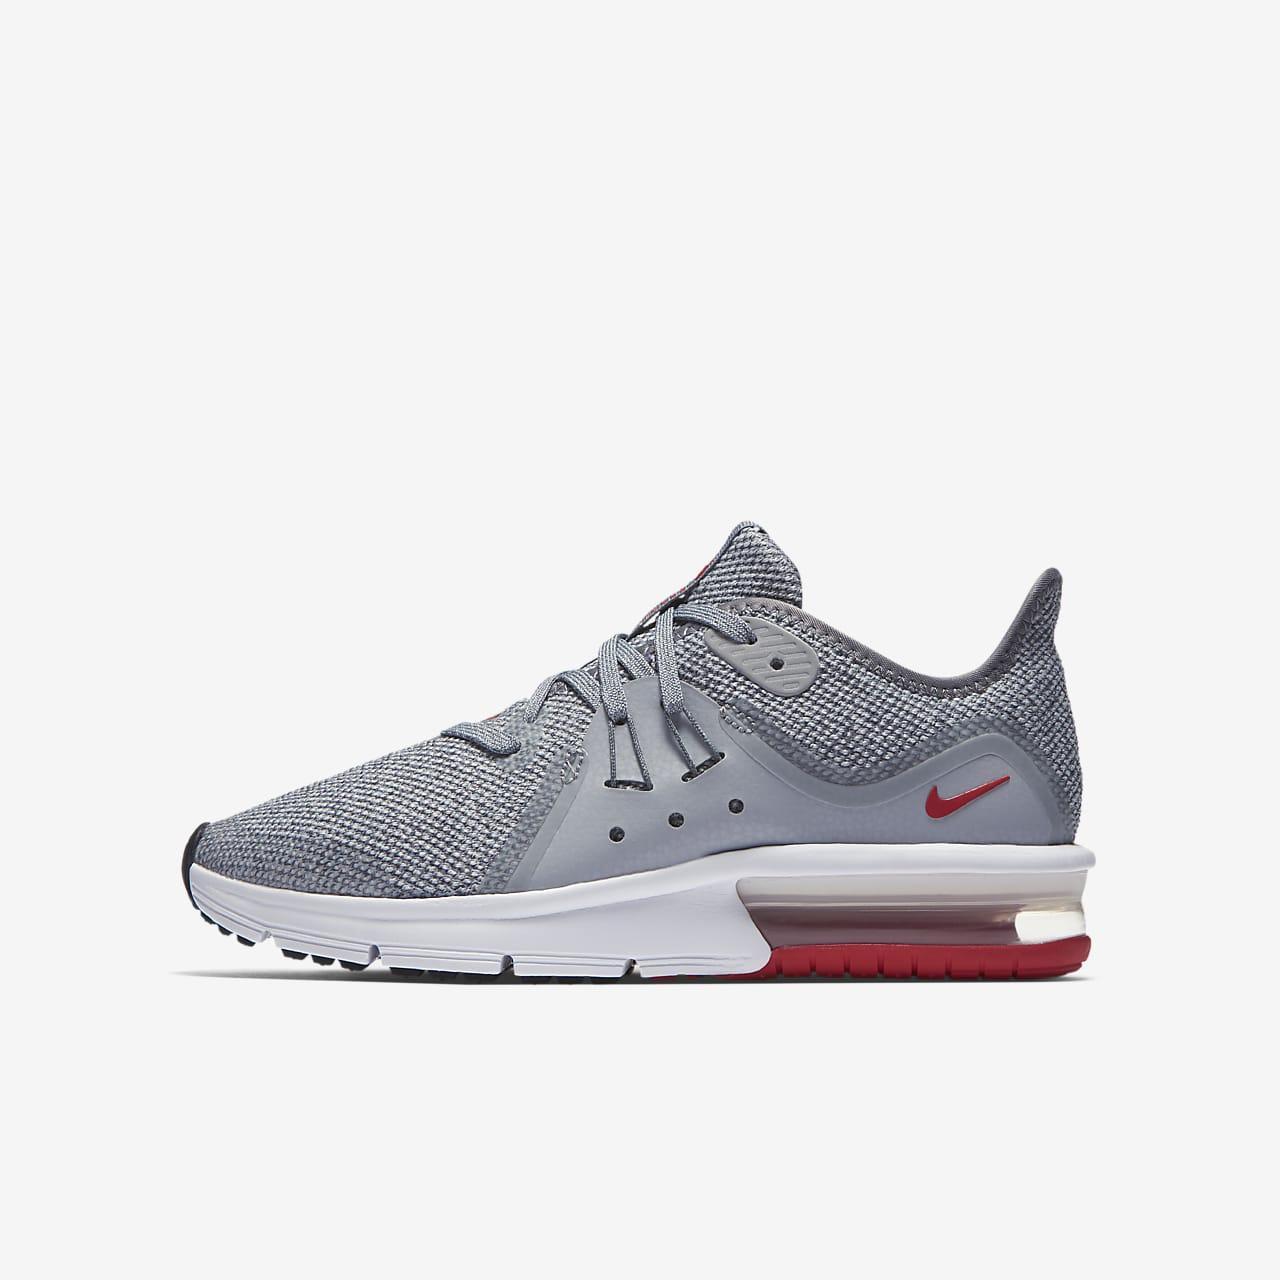 Nike Air Max Sequent 3 Genç Çocuk Ayakkabısı